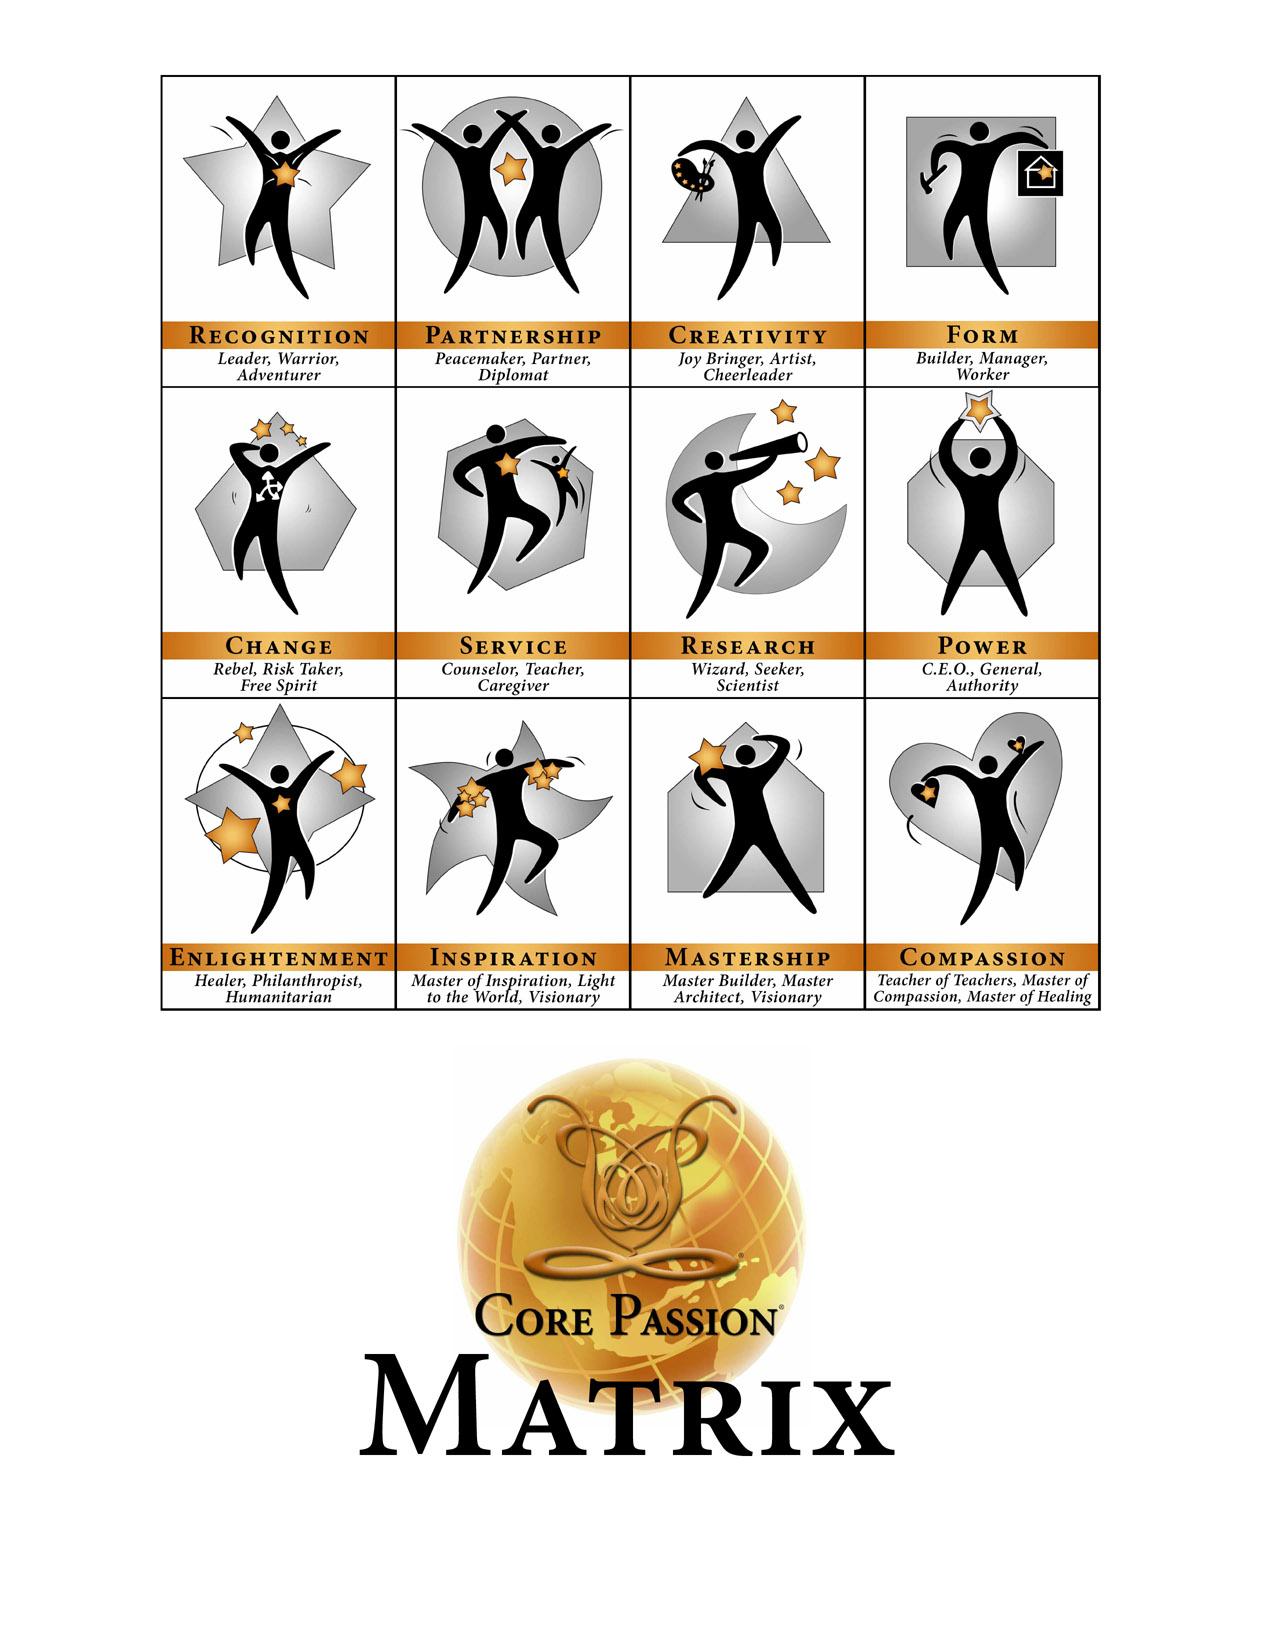 matrix_400_560